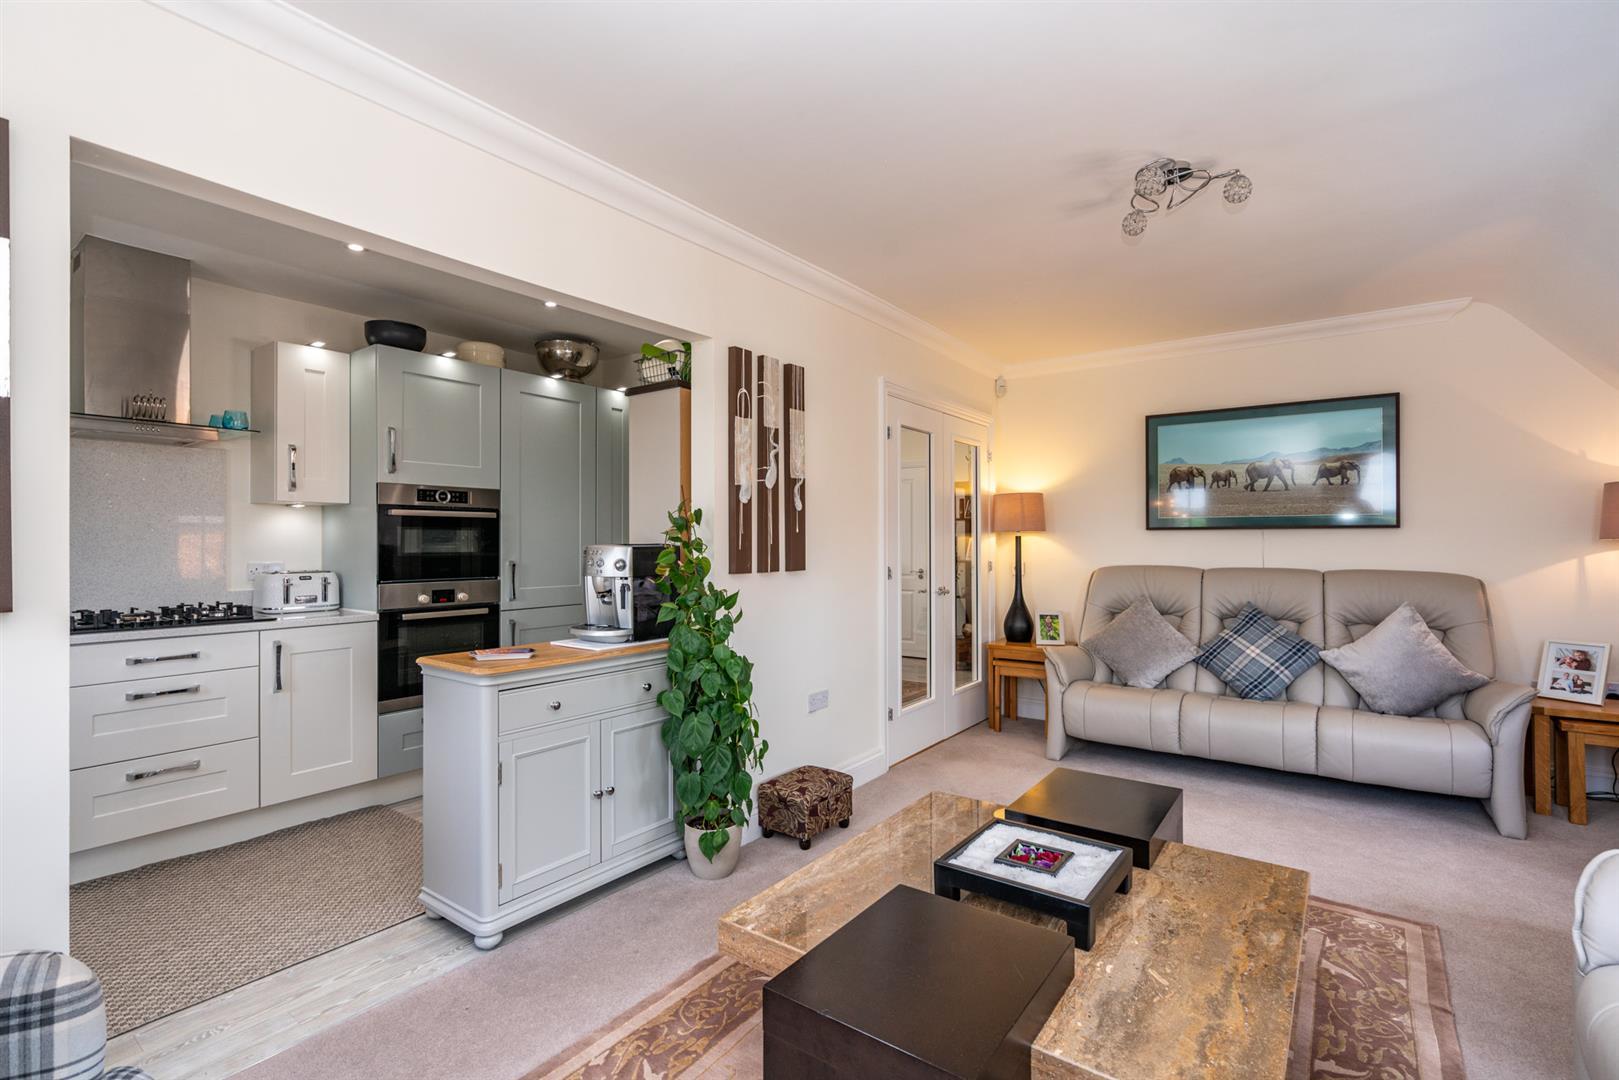 10-Birch-Place-1047-  living kitchen.jpg